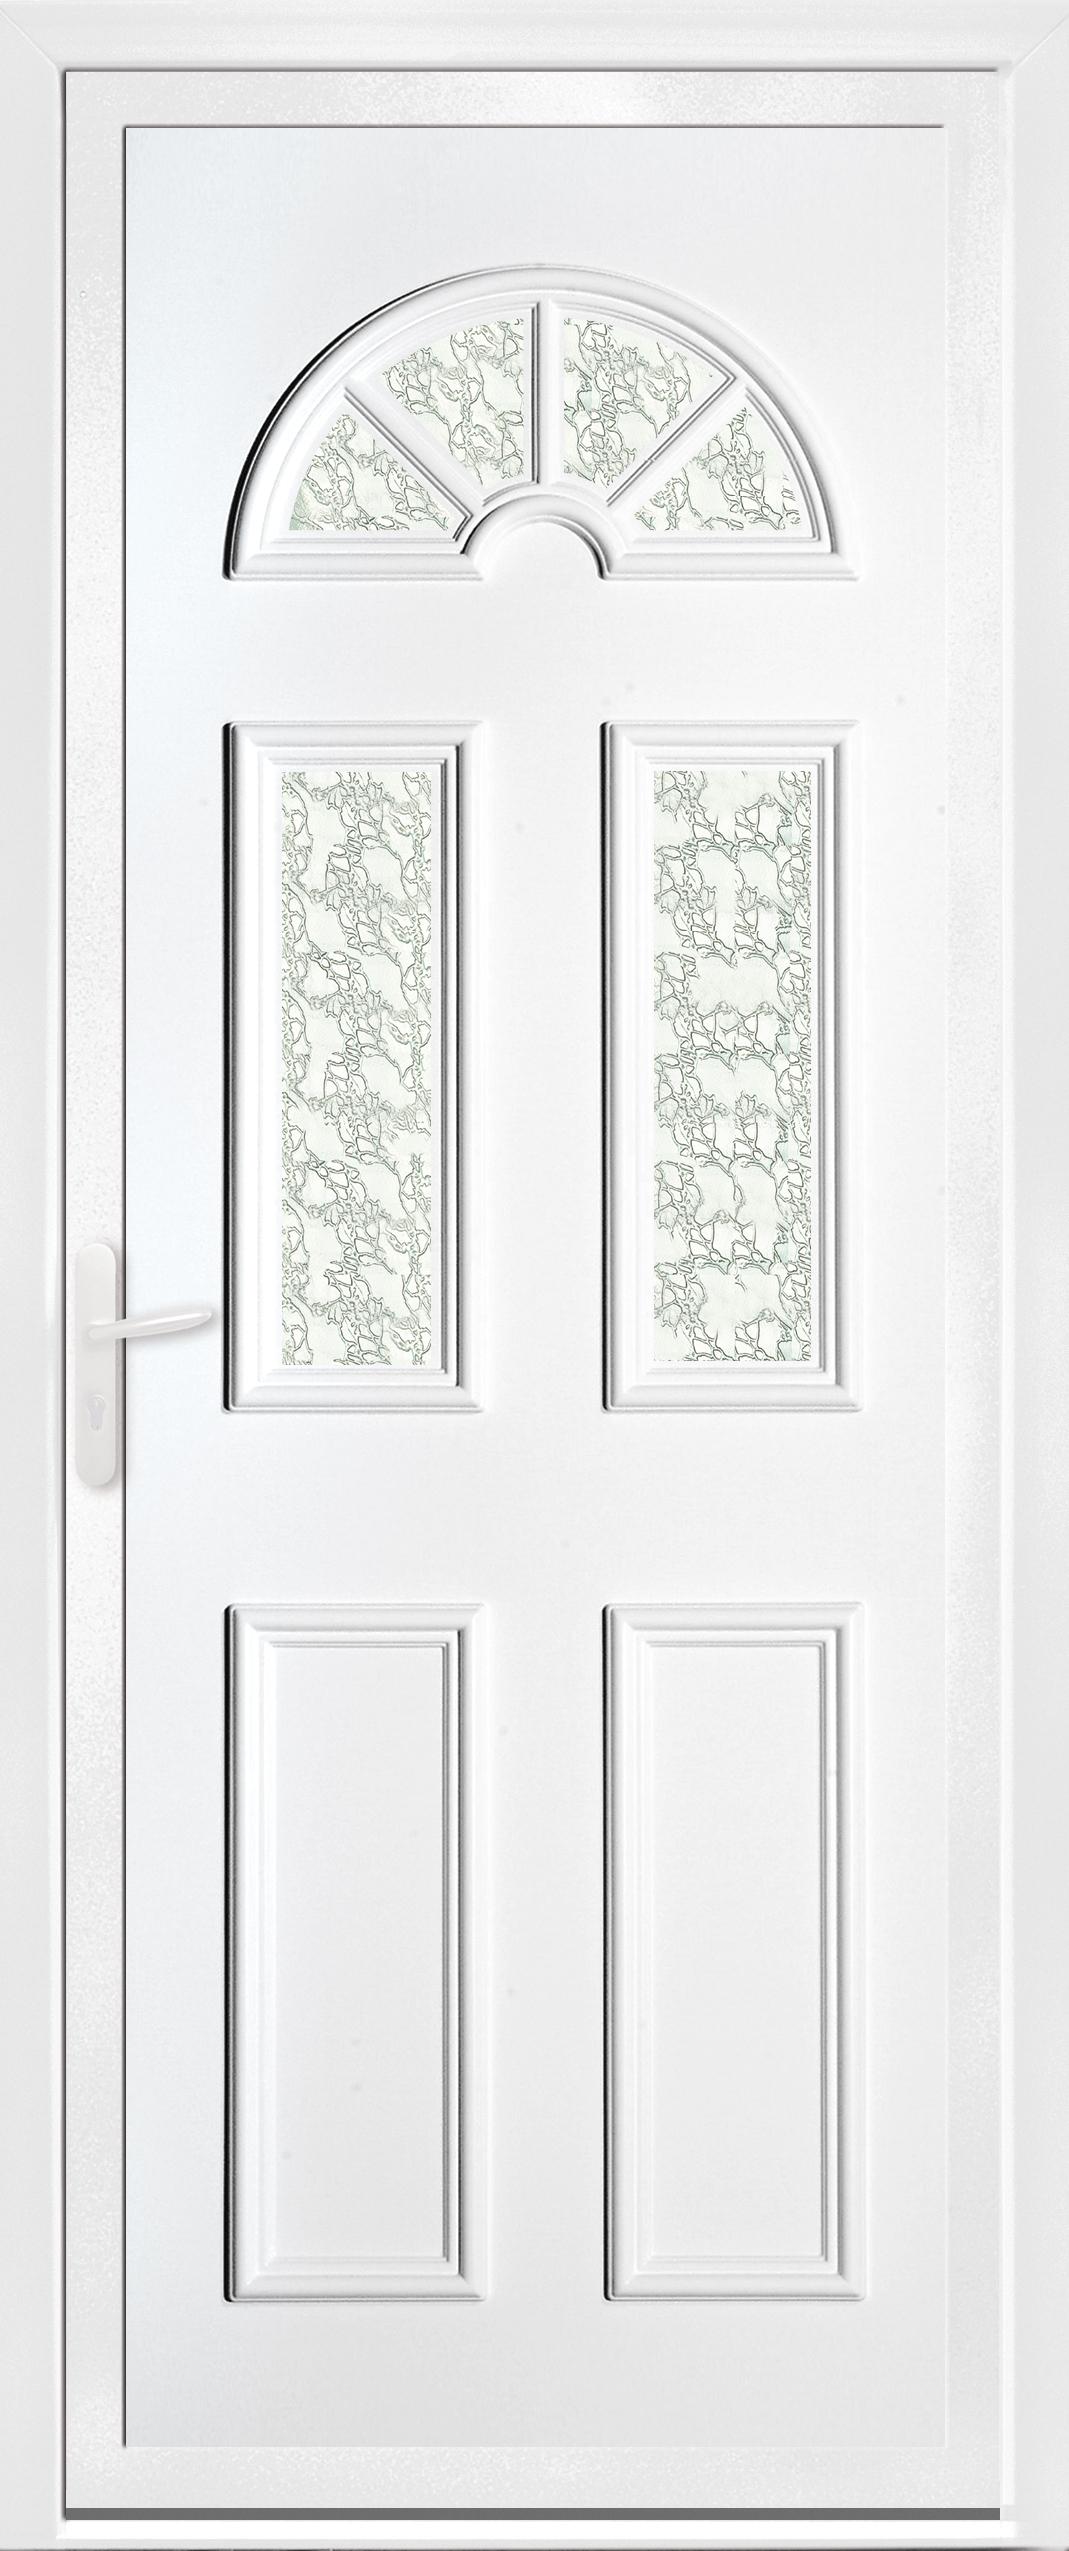 panneau de porte pvc grenoble panneau de porte pvc portes placards et ch ssis. Black Bedroom Furniture Sets. Home Design Ideas